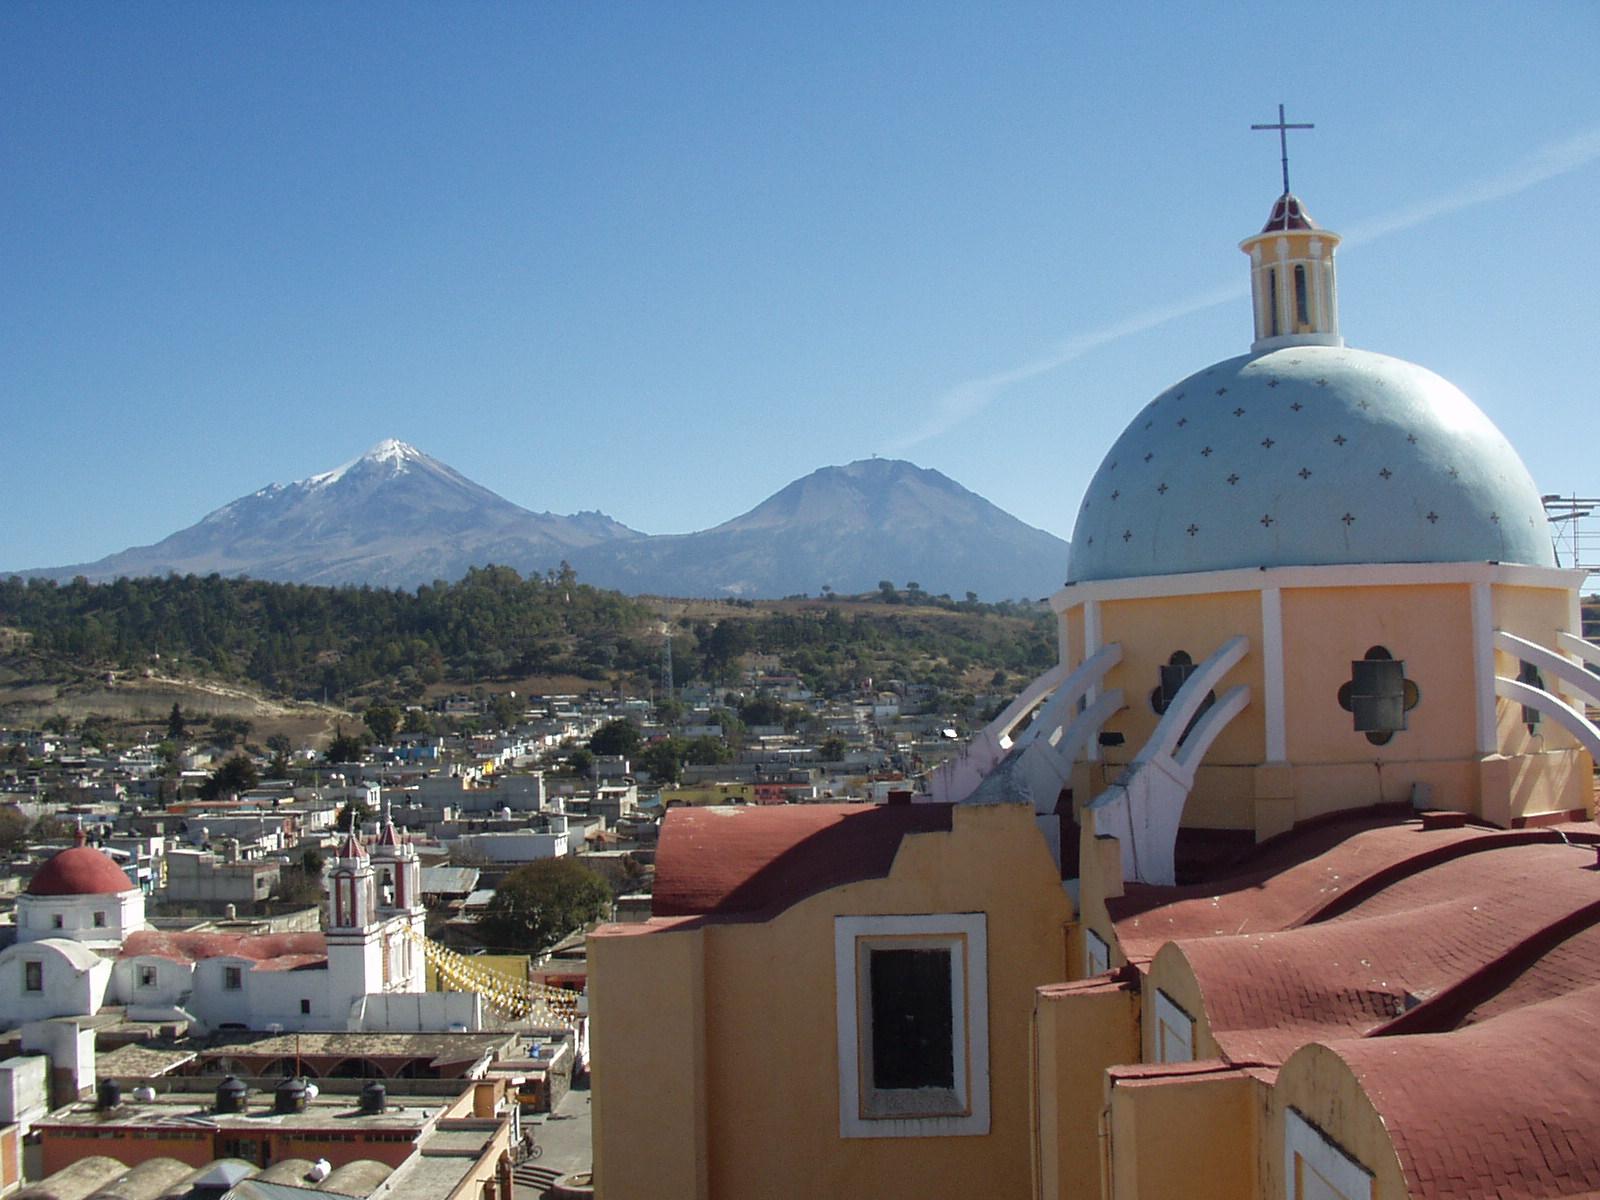 Puebla, photo by Mave21